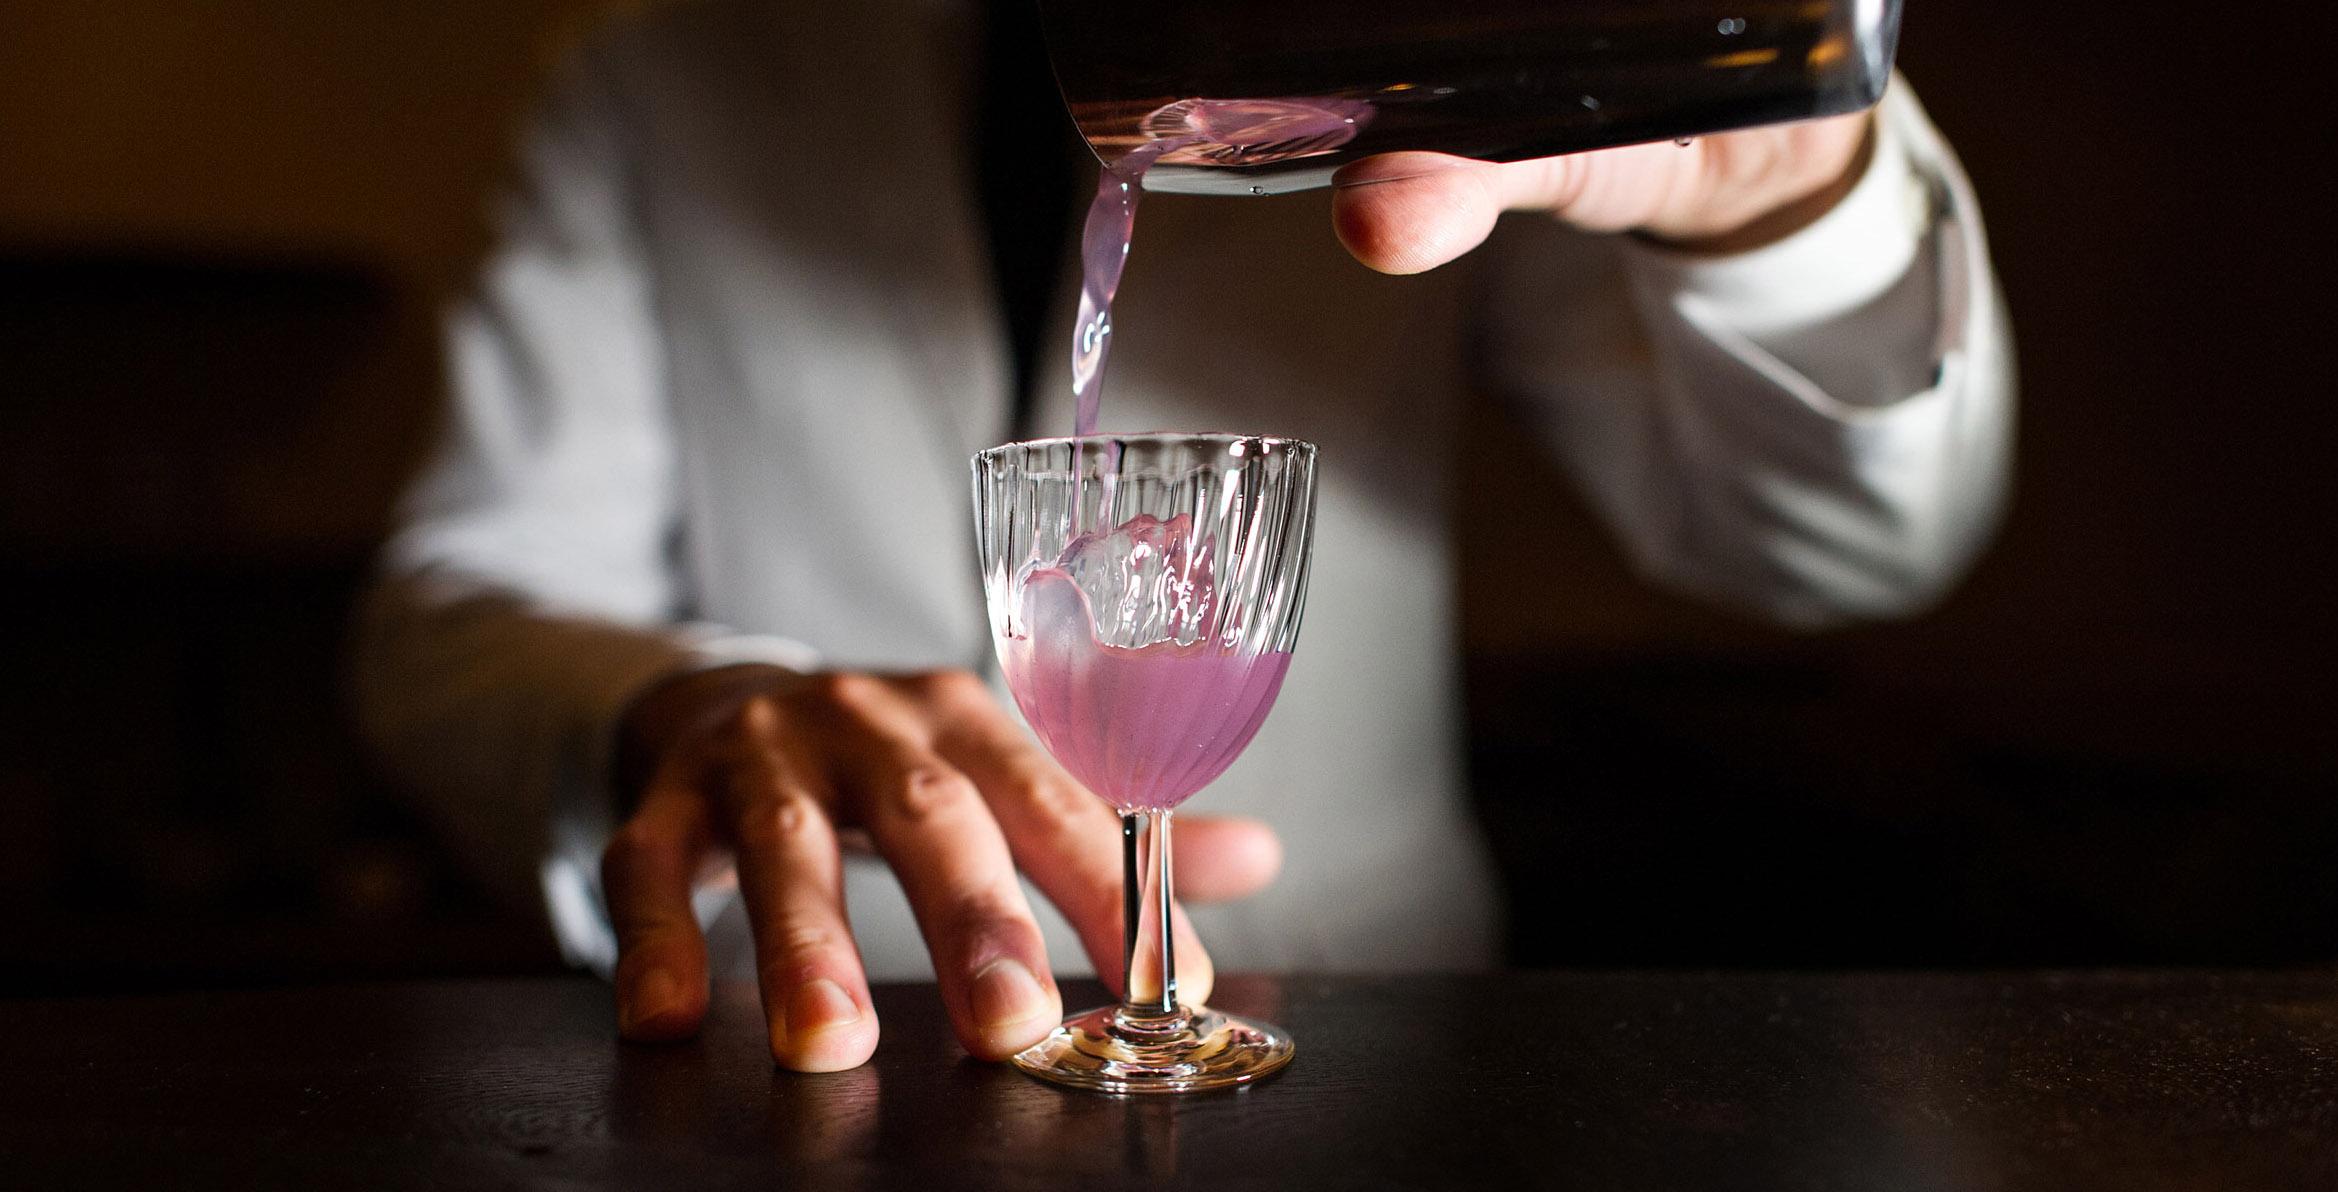 Monde Restaurant & Bar – Review